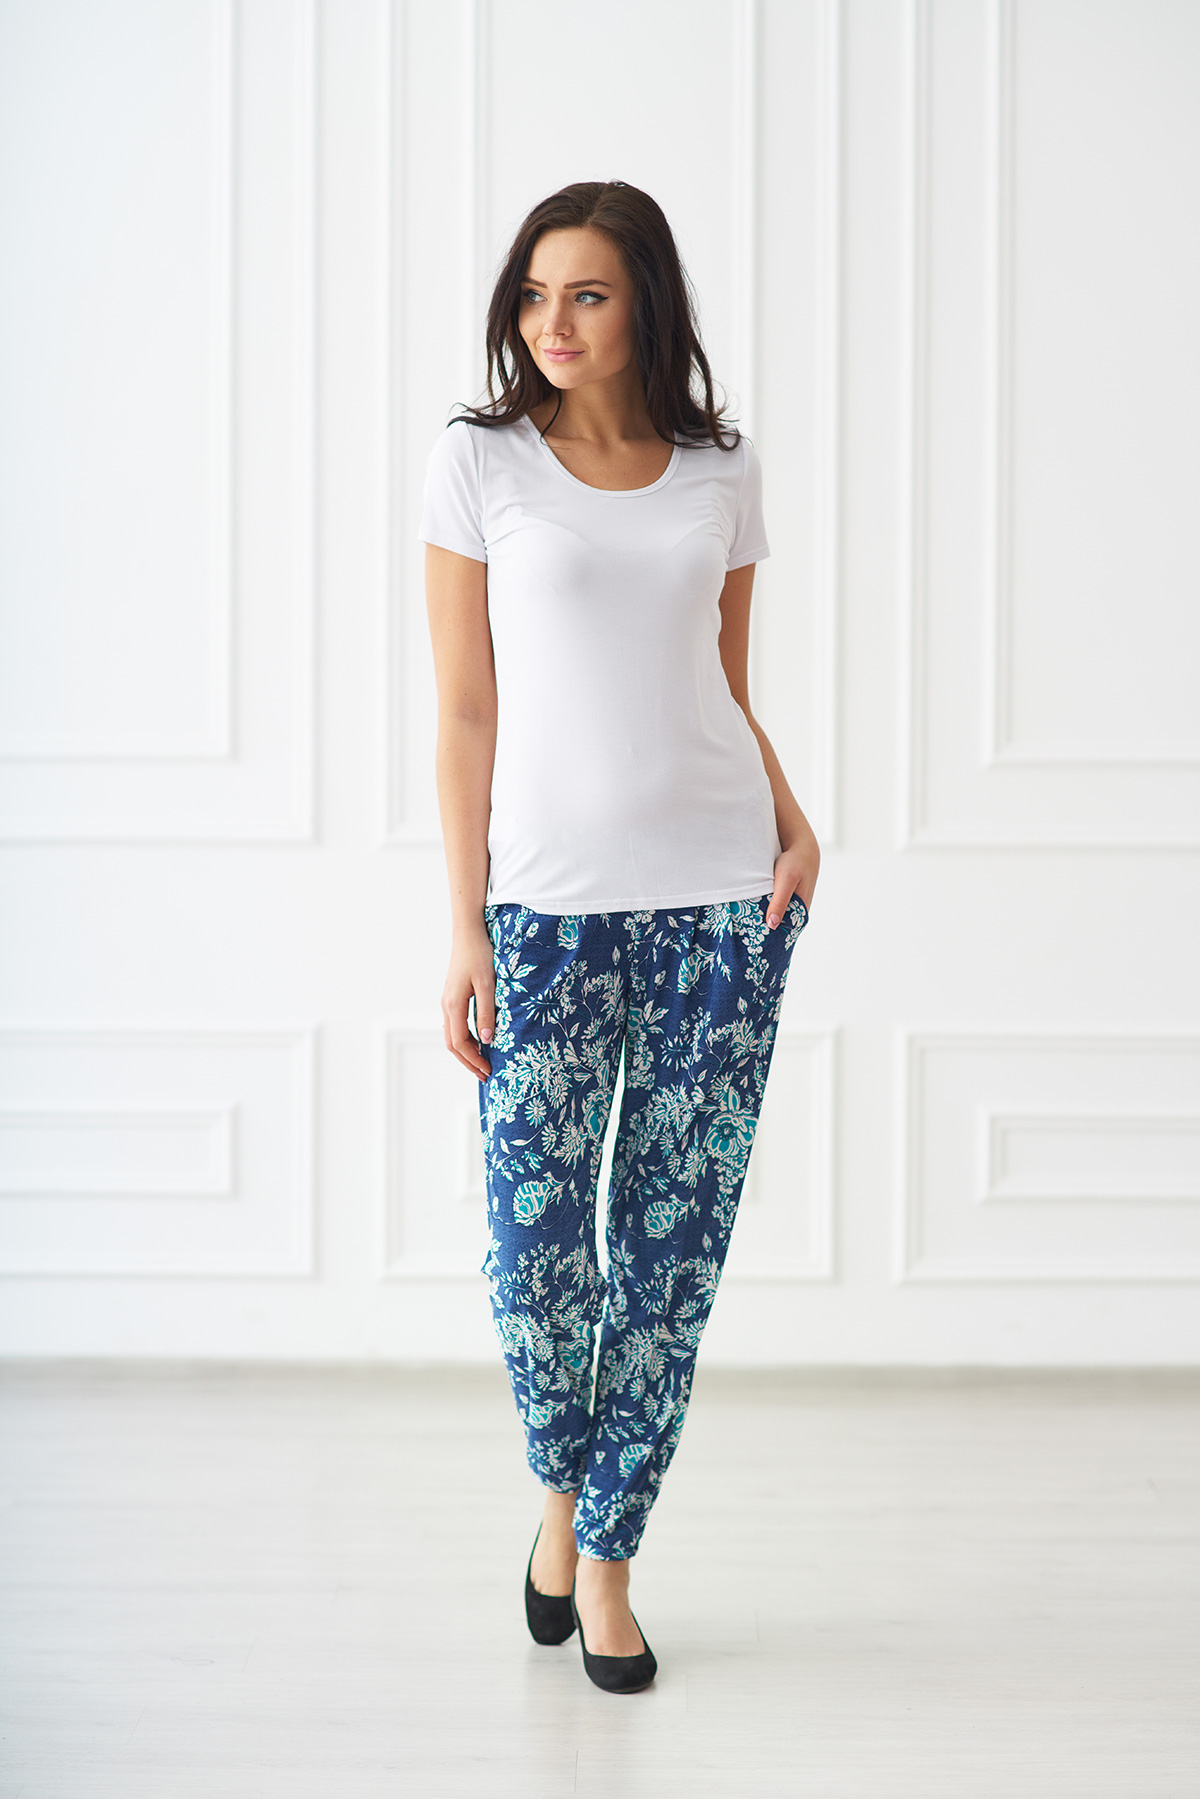 Жен. брюки арт. 19-0092 р. 50Брюки<br><br><br>Тип: Жен. брюки<br>Размер: 50<br>Материал: Масло